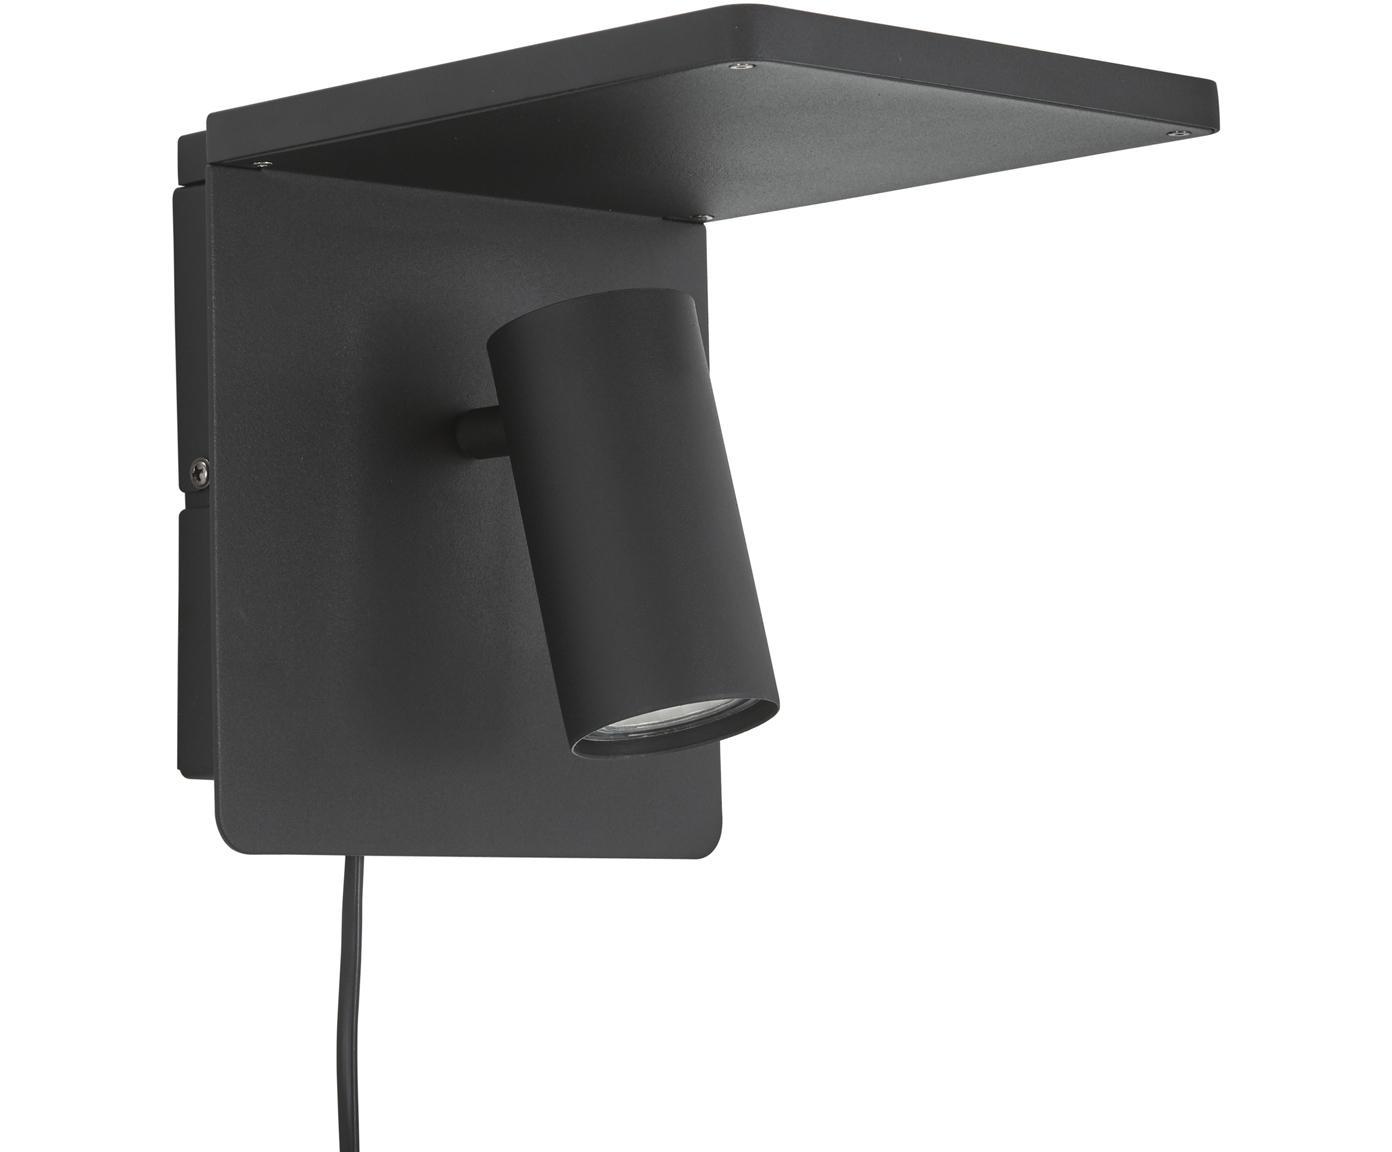 LED Wandleuchte Chandler mit Ladefunktion, Lampenschirm: Metall, pulverbeschichtet, Schwarz, 19 x 21 cm